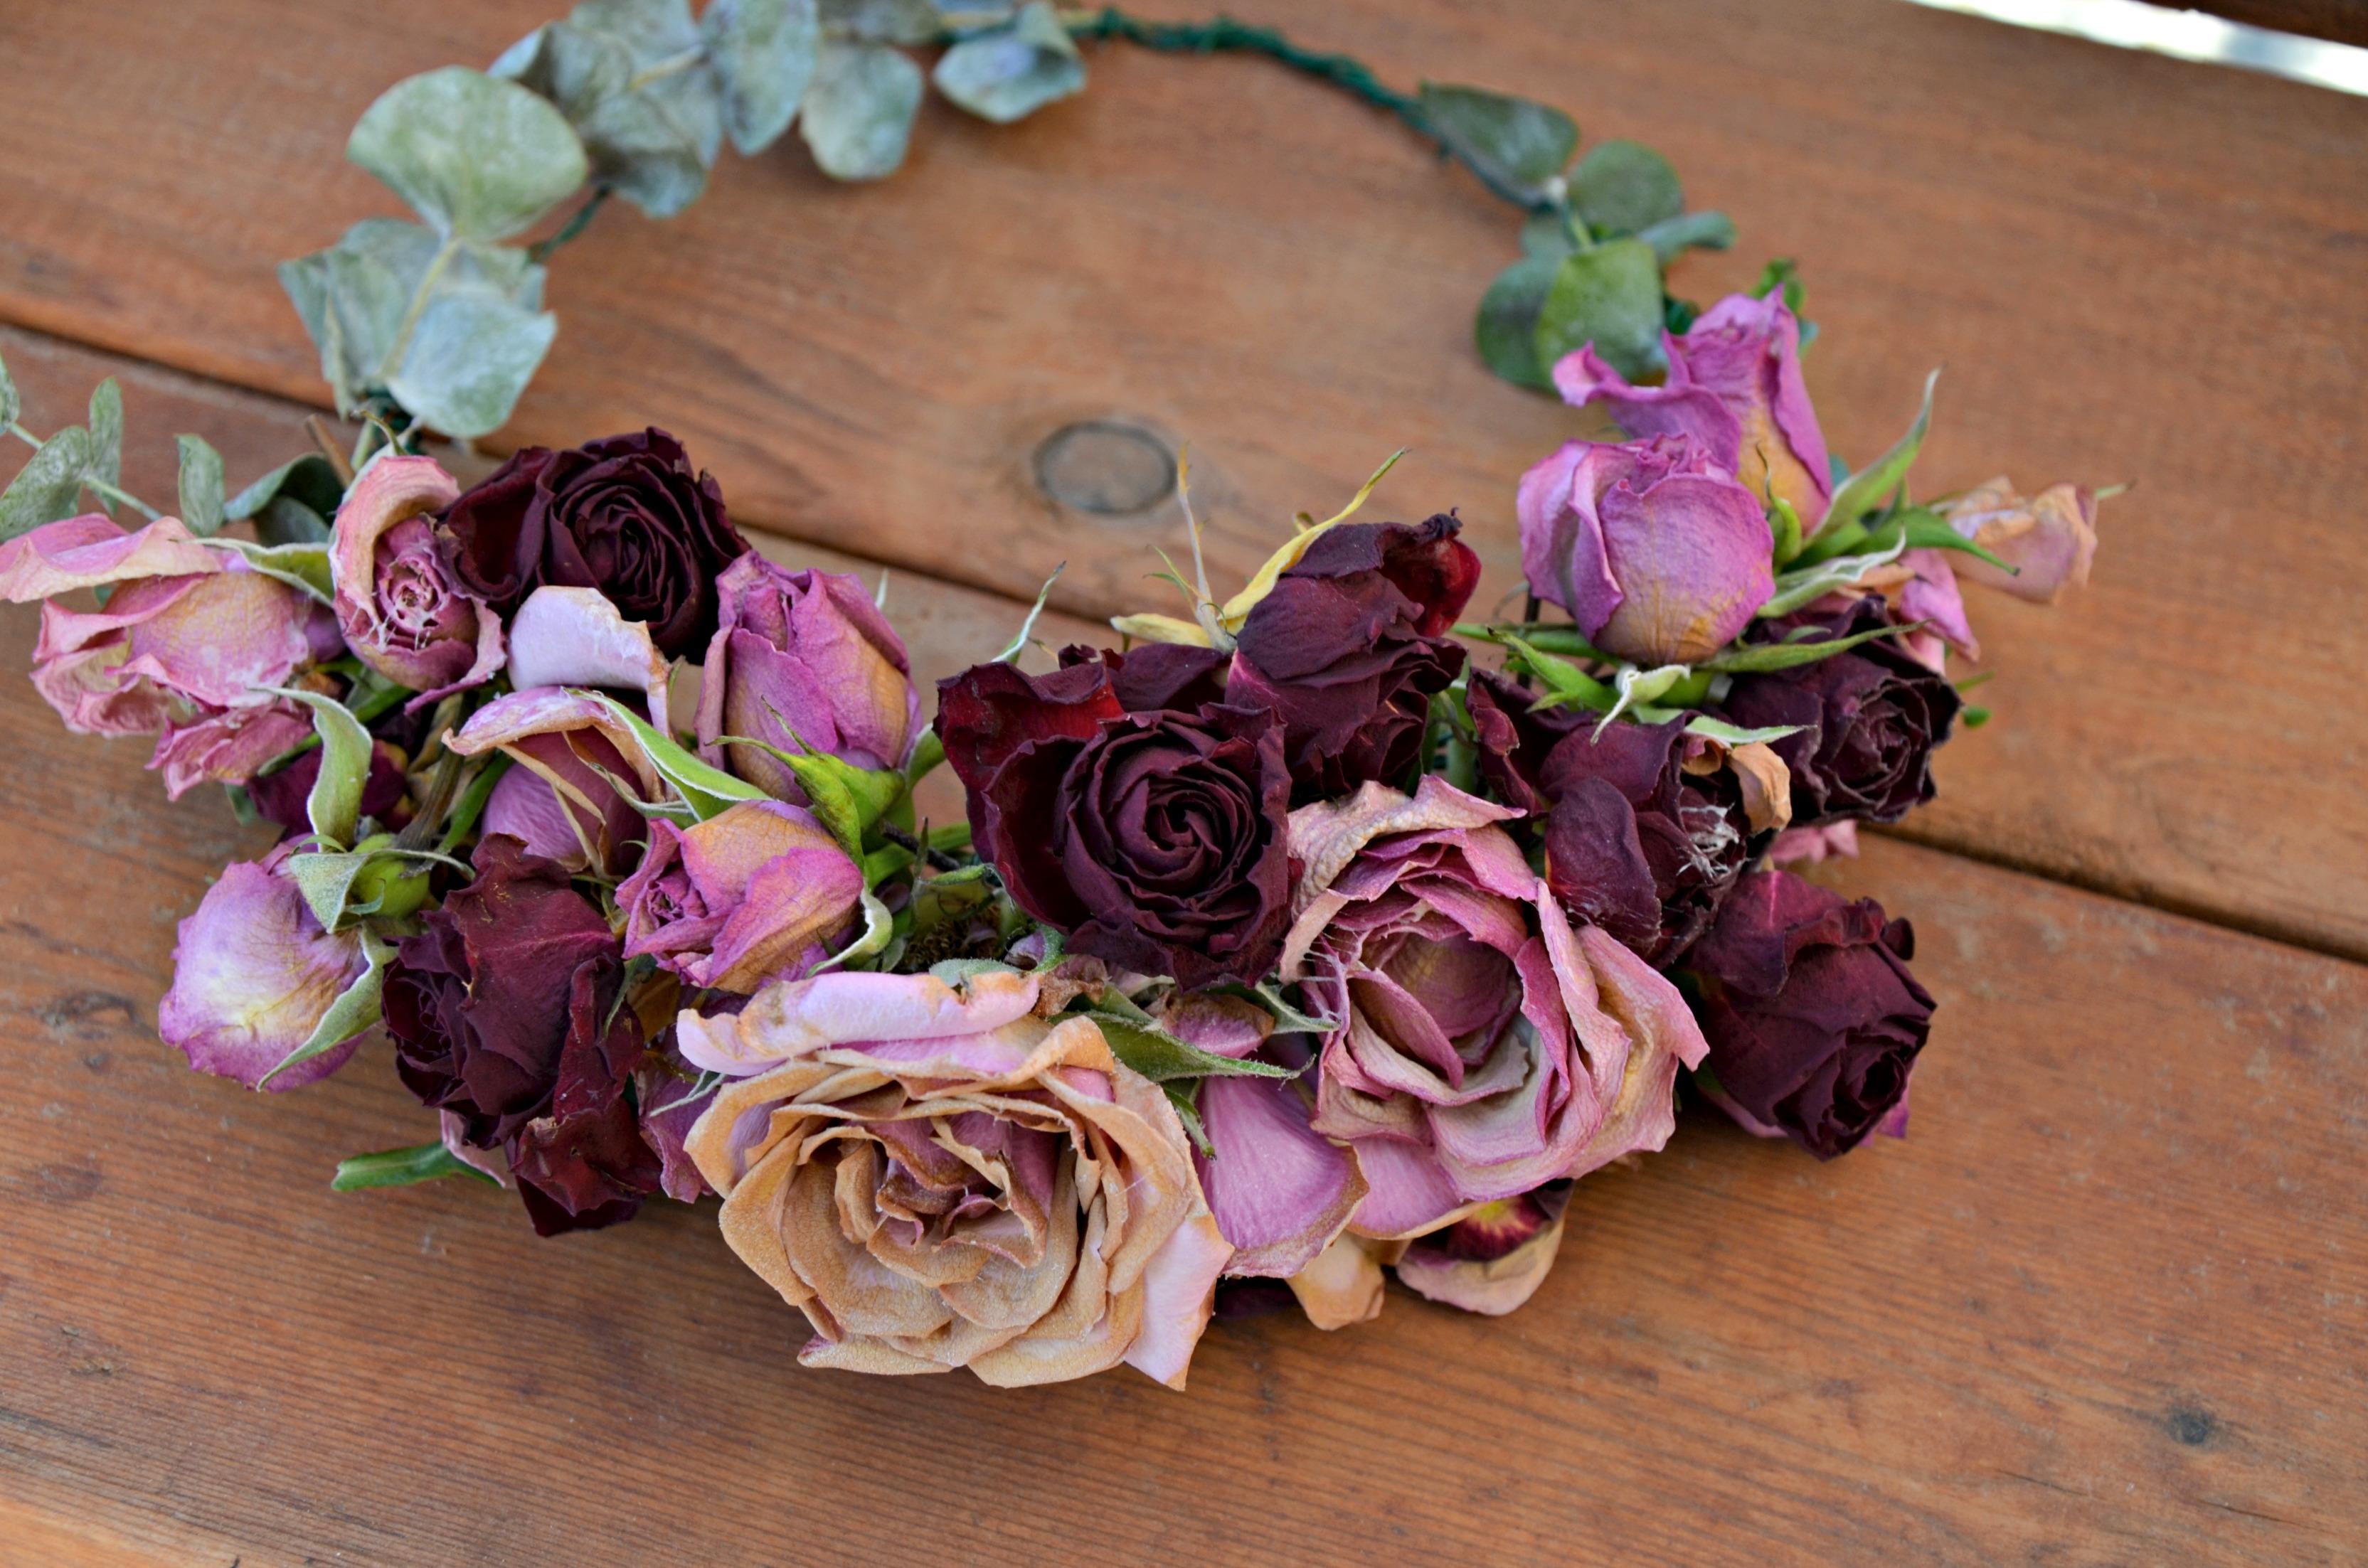 Amazing fall wedding flowers dried flower crown izmirmasajfo